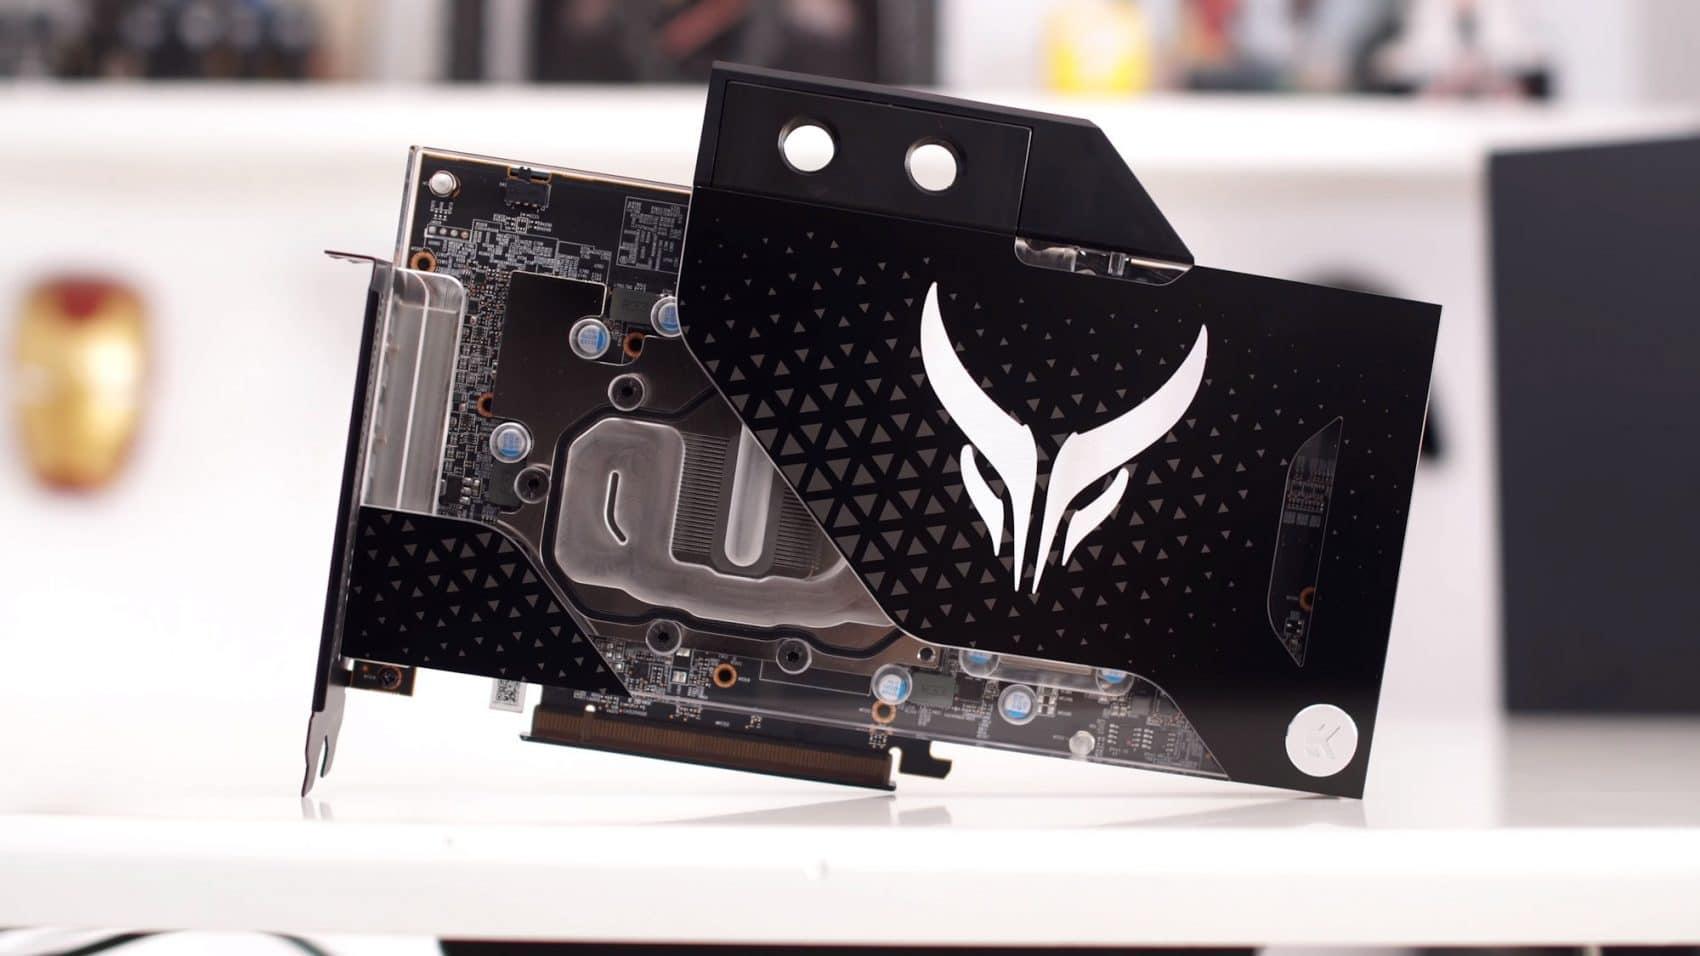 PowerColor Radeon RX 5700XT waterblock EK vue de face